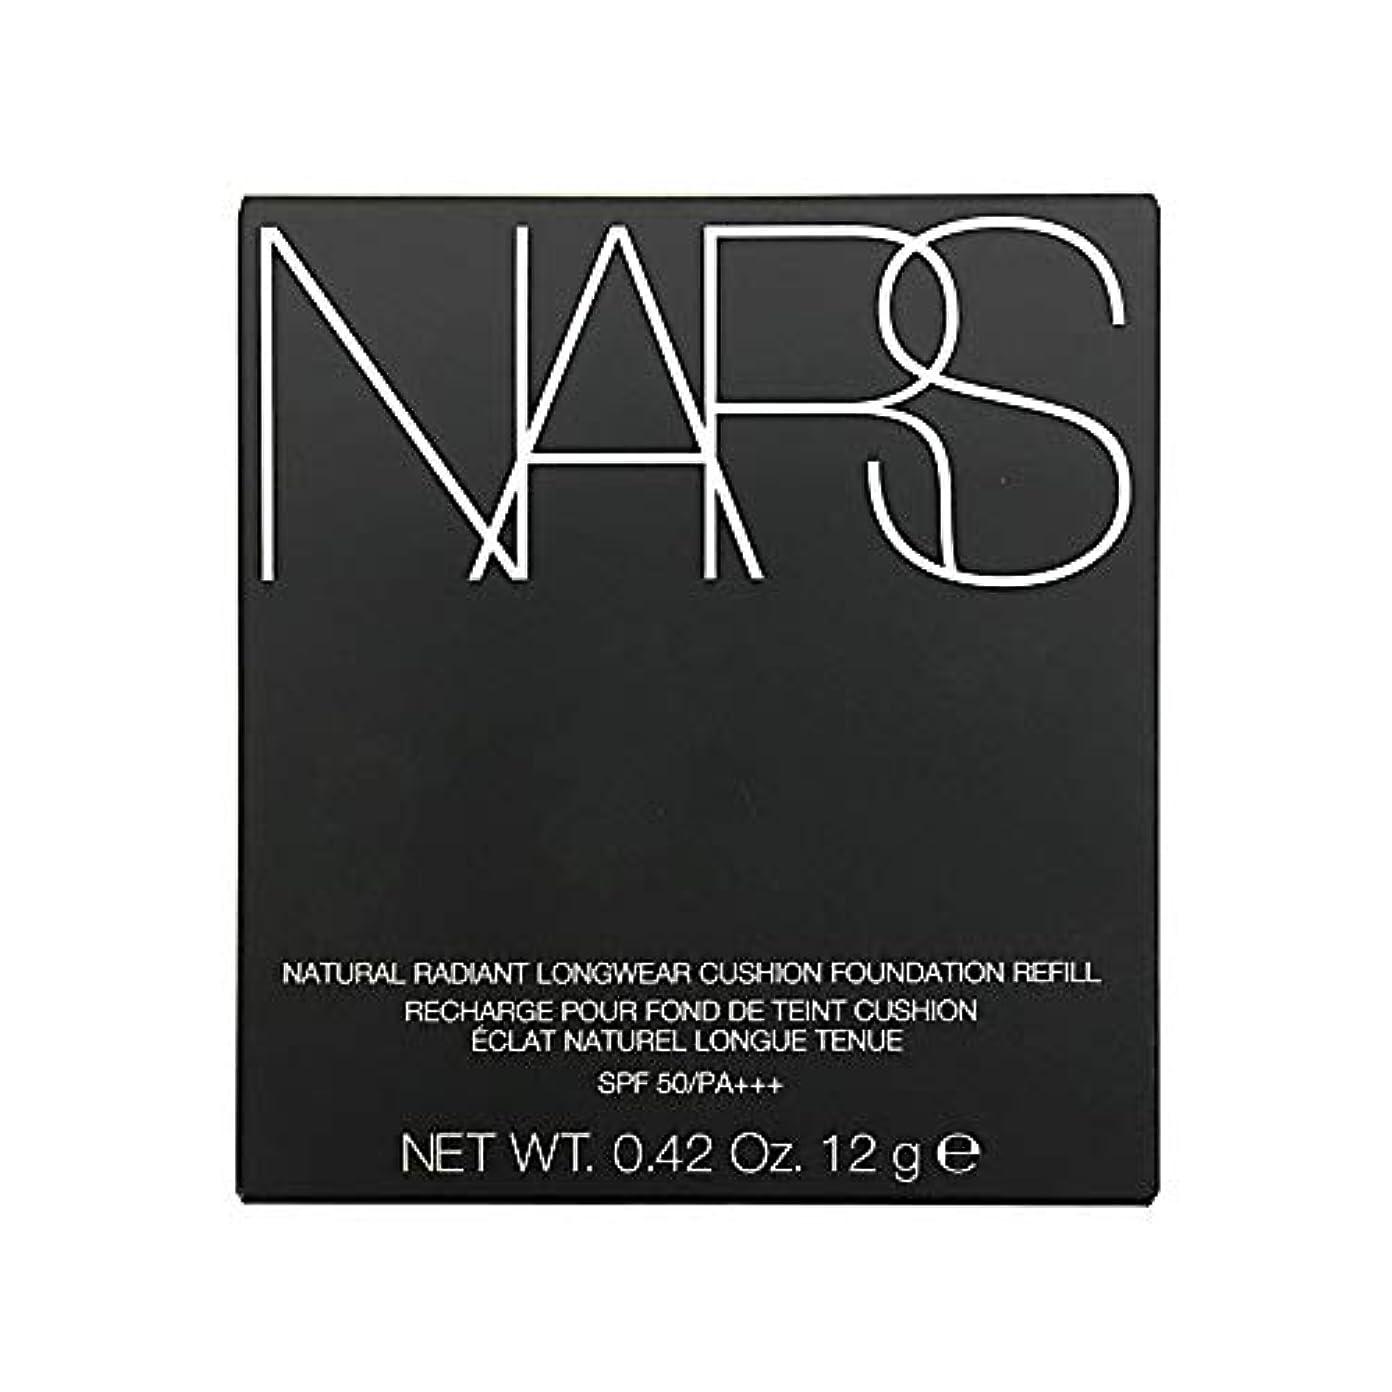 高架リッチ装備するナーズ/NARS ナチュラルラディアント ロングウェア クッションファンデーション(レフィル)#5880[ クッションファンデ ] [並行輸入品]